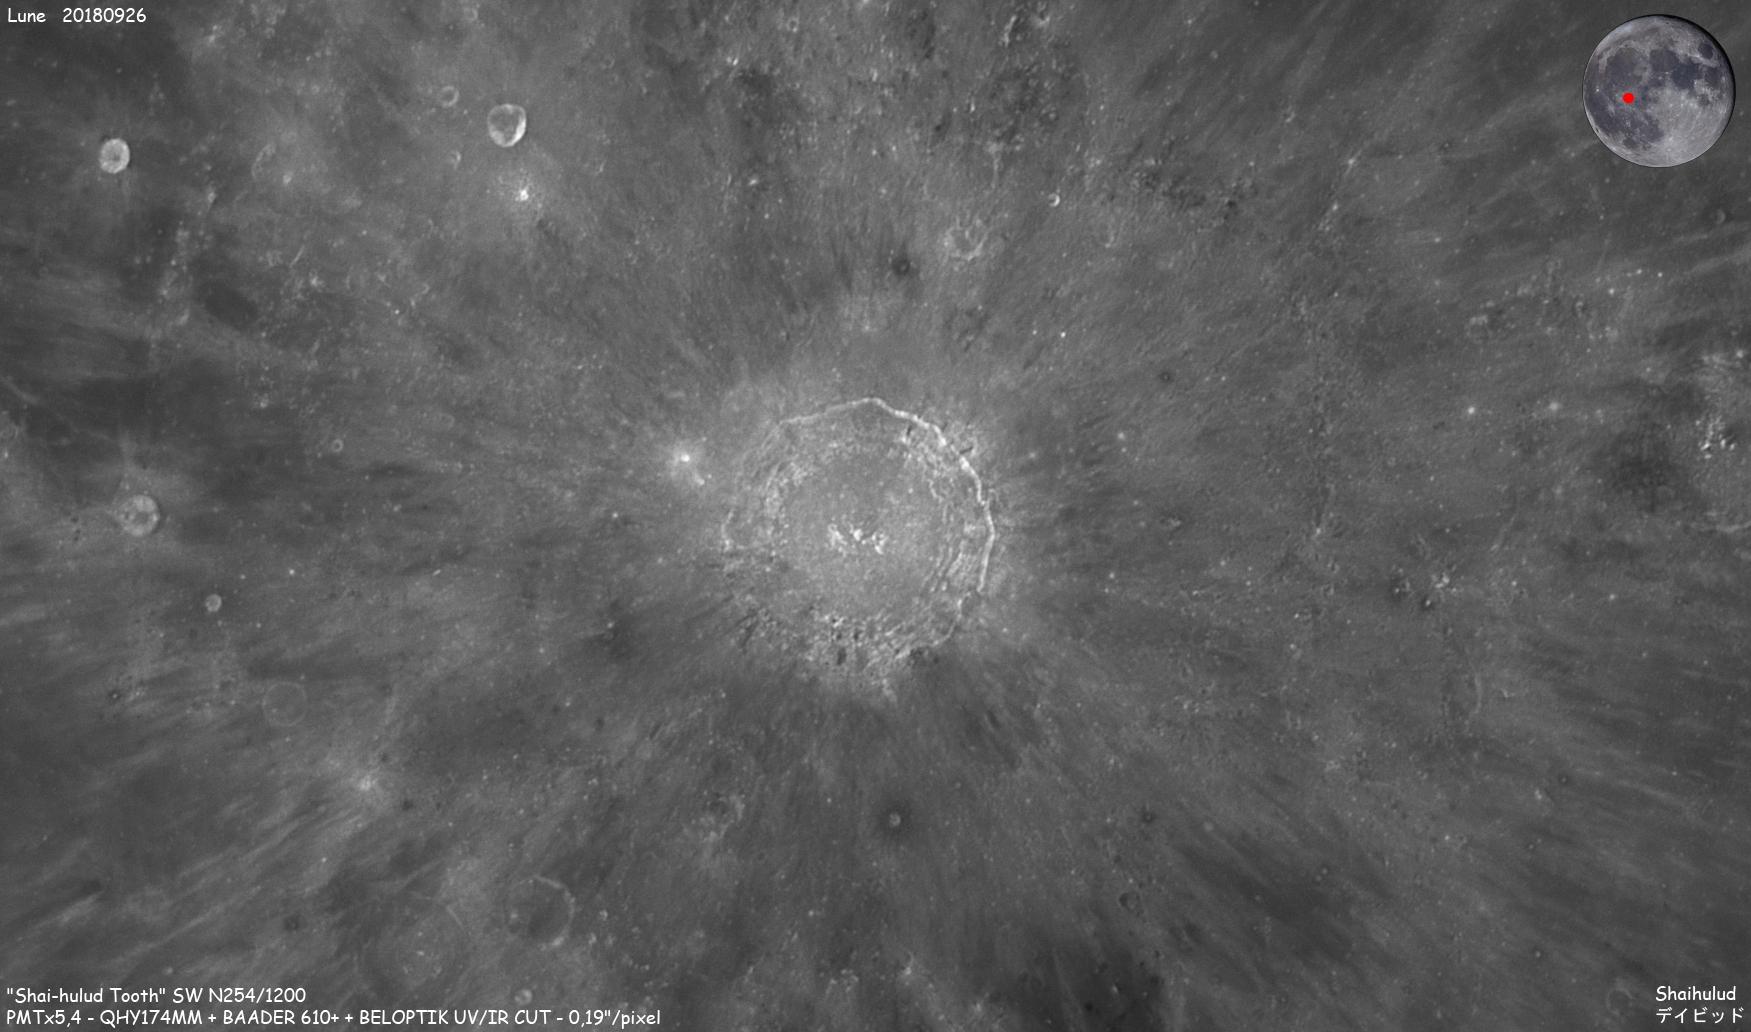 Survol lunaire 20180926 (Attention, le 254 à 6480 de focale cela pique les yeux) 2YZTumpPL-UK_16536x16536_wmhqkGbg